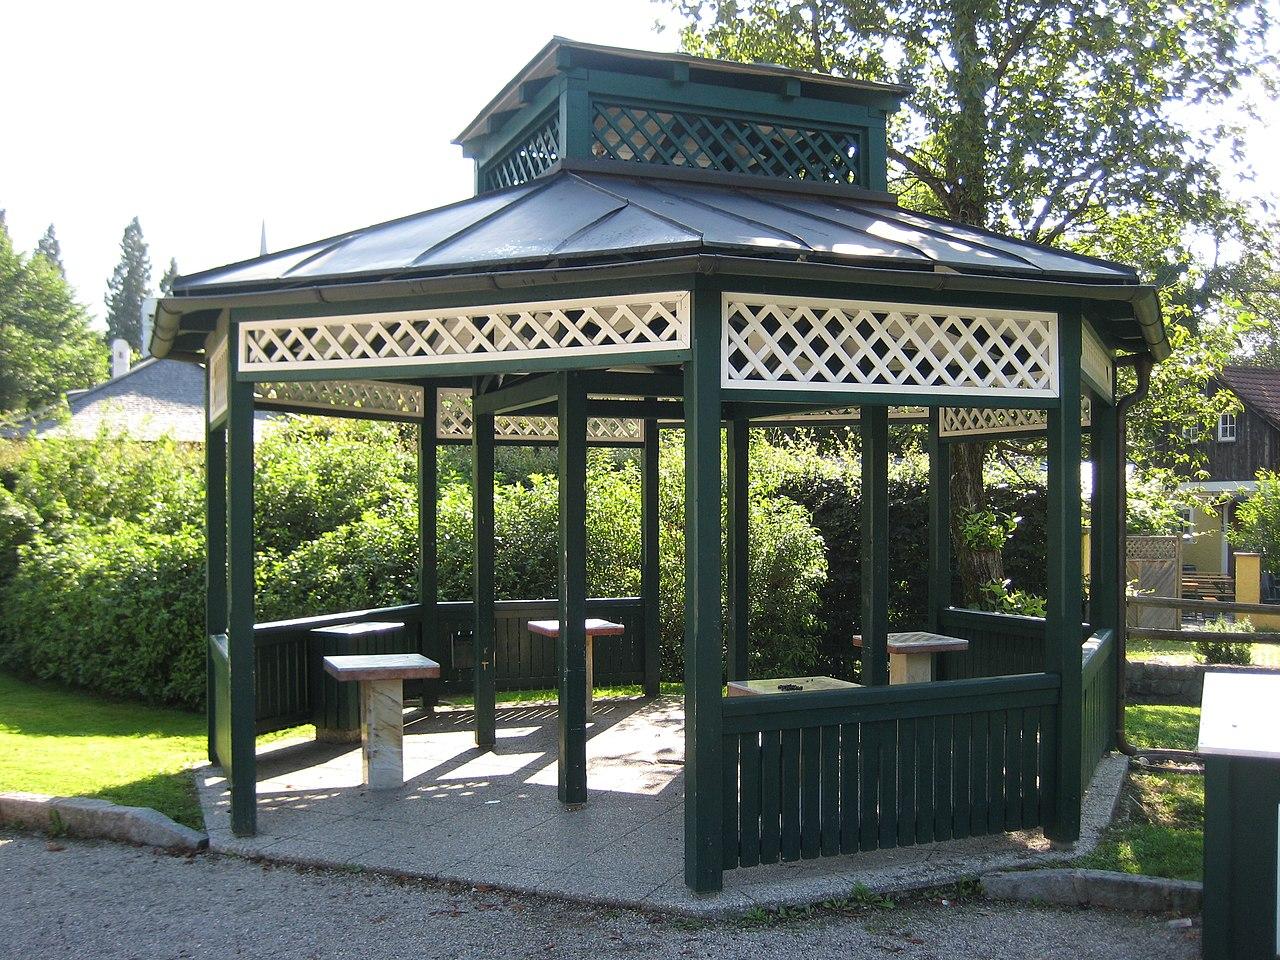 datei gartenhaus mit kleindenkmalen im kurpark bad ischl jpg wikipedia. Black Bedroom Furniture Sets. Home Design Ideas